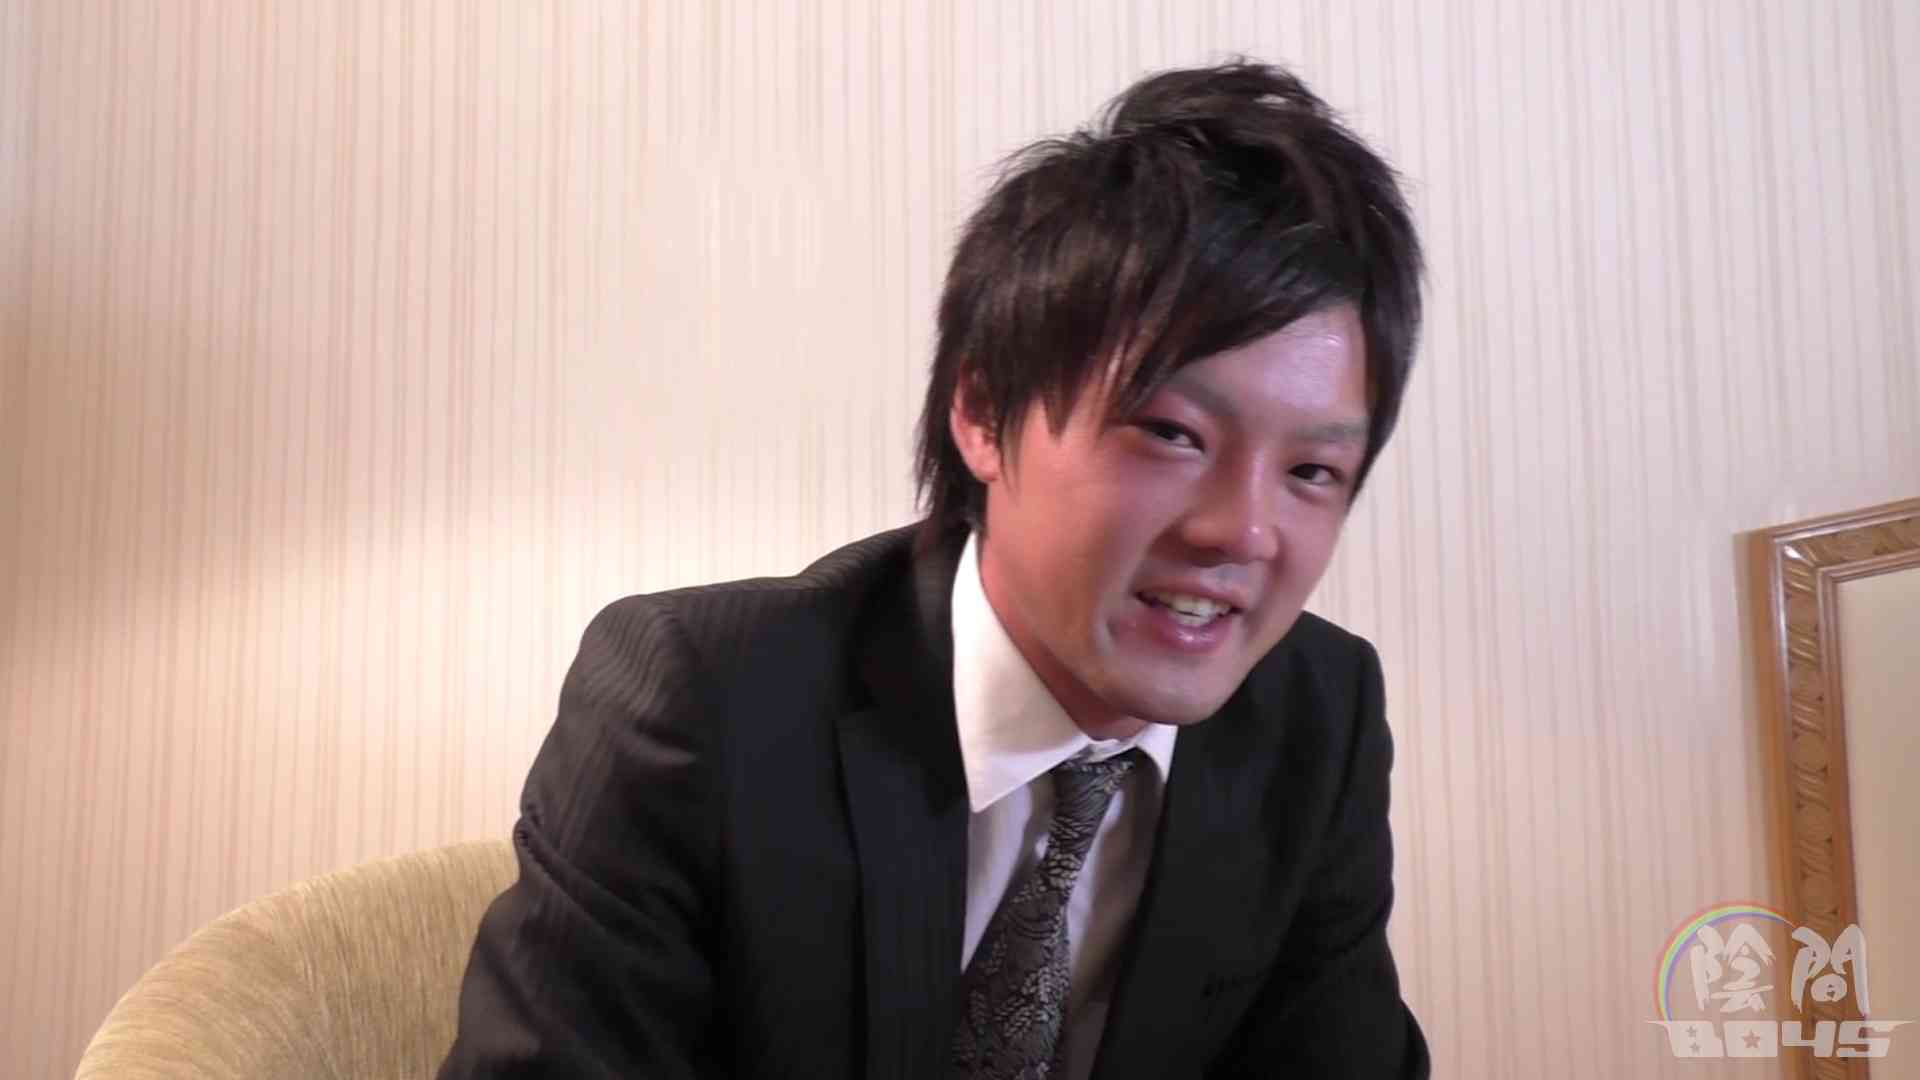 """キャバクラの仕事は""""アナル""""から1 Vol.03 イメージ (sex) 男同士動画 104枚 101"""